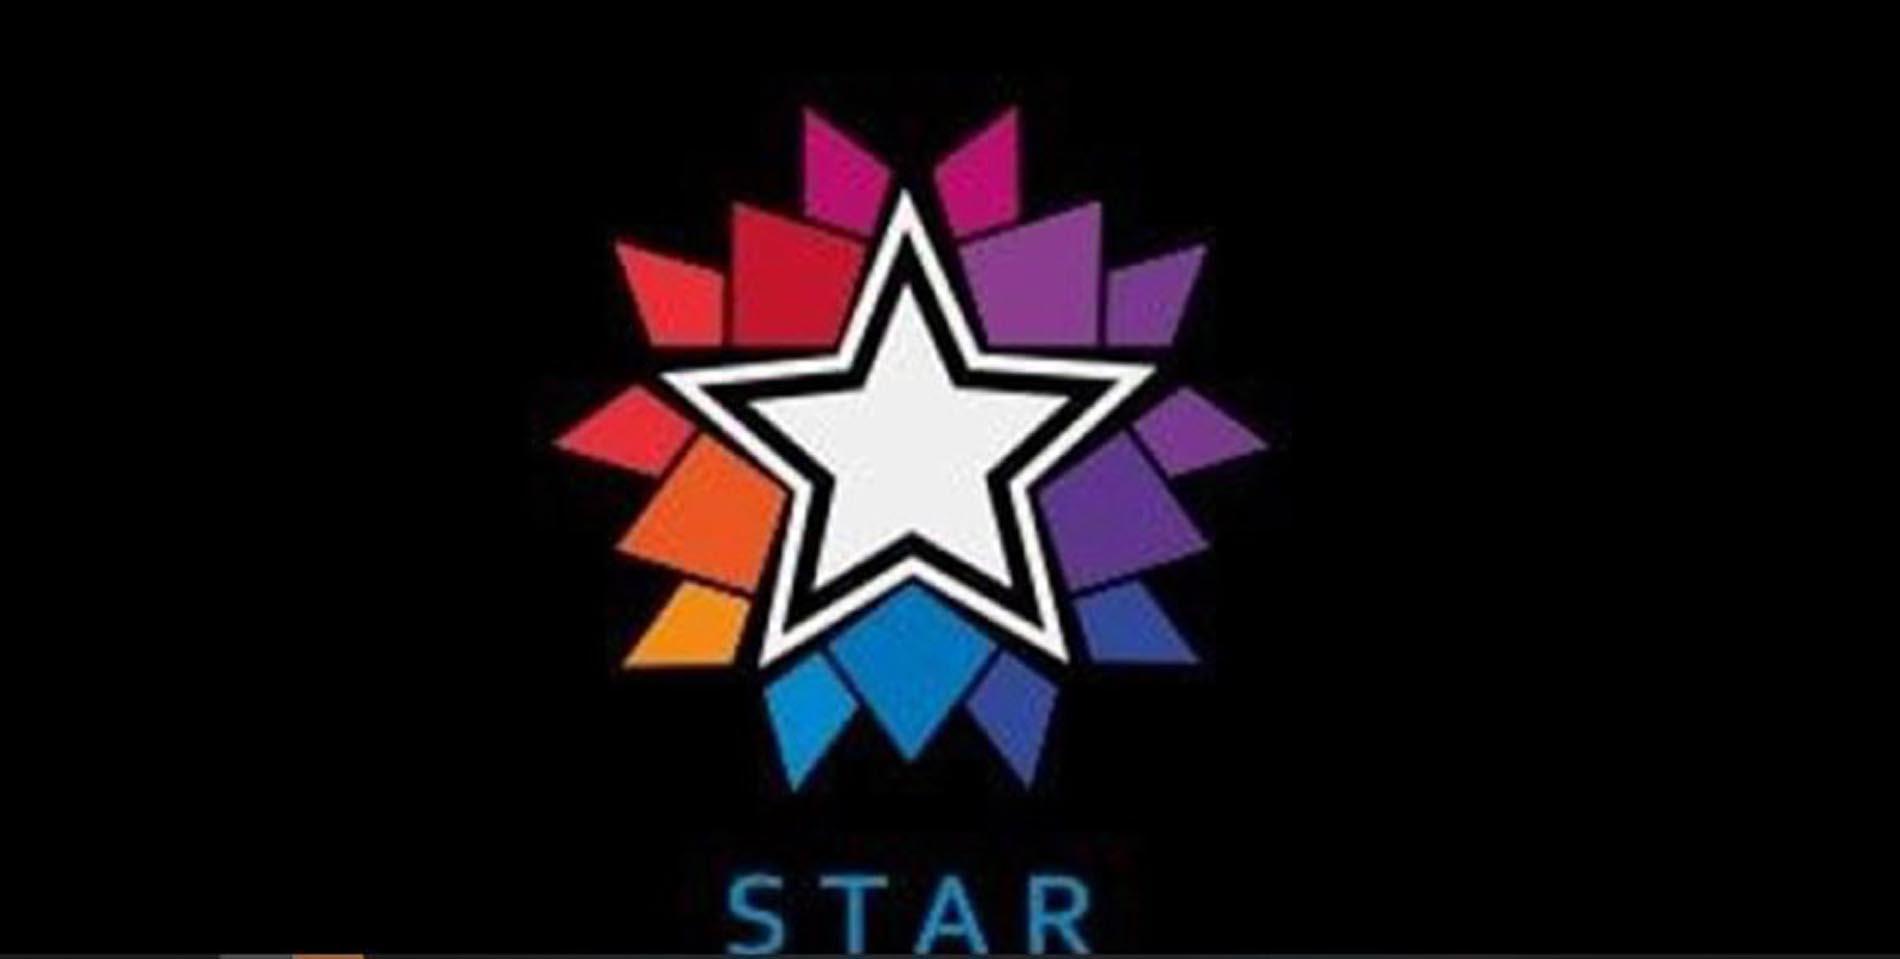 19 Eylül 2021 Pazar TV yayın akışı: Bugün televizyonda hangi diziler var?   Bugün TV'de ne var?